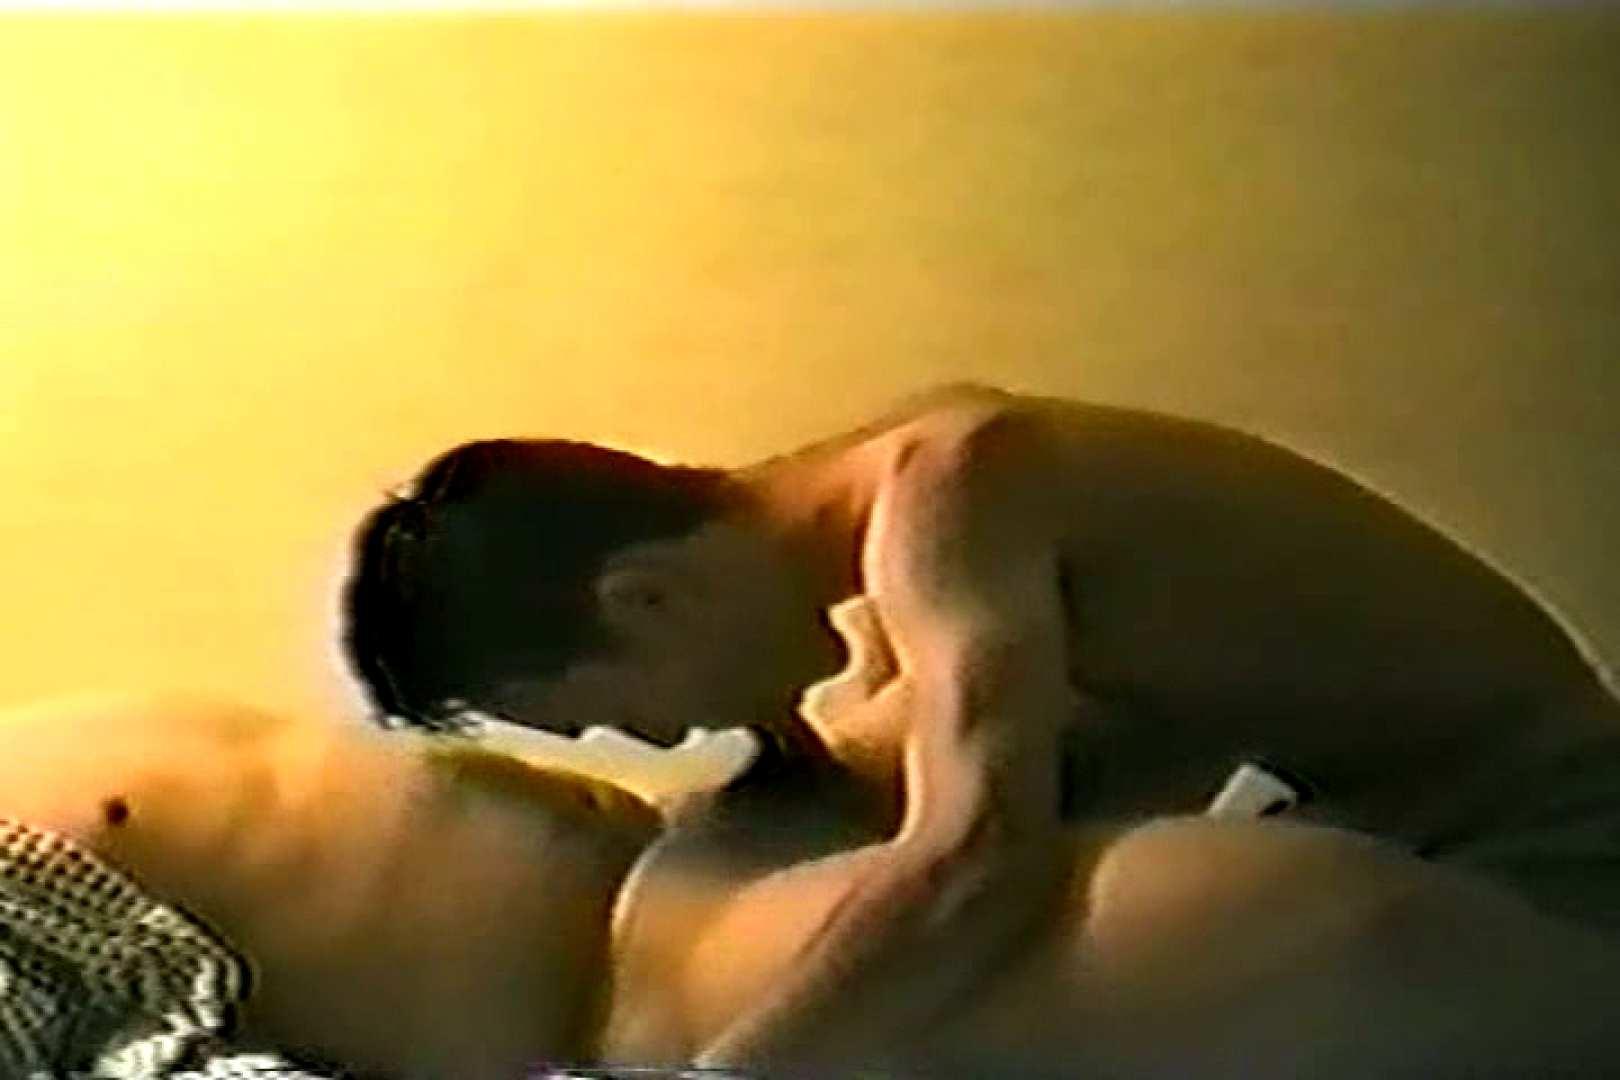 独占!掘って掘ってほりまくれ!生掘りクラブvol.06 手コキ AV動画 90pic 90